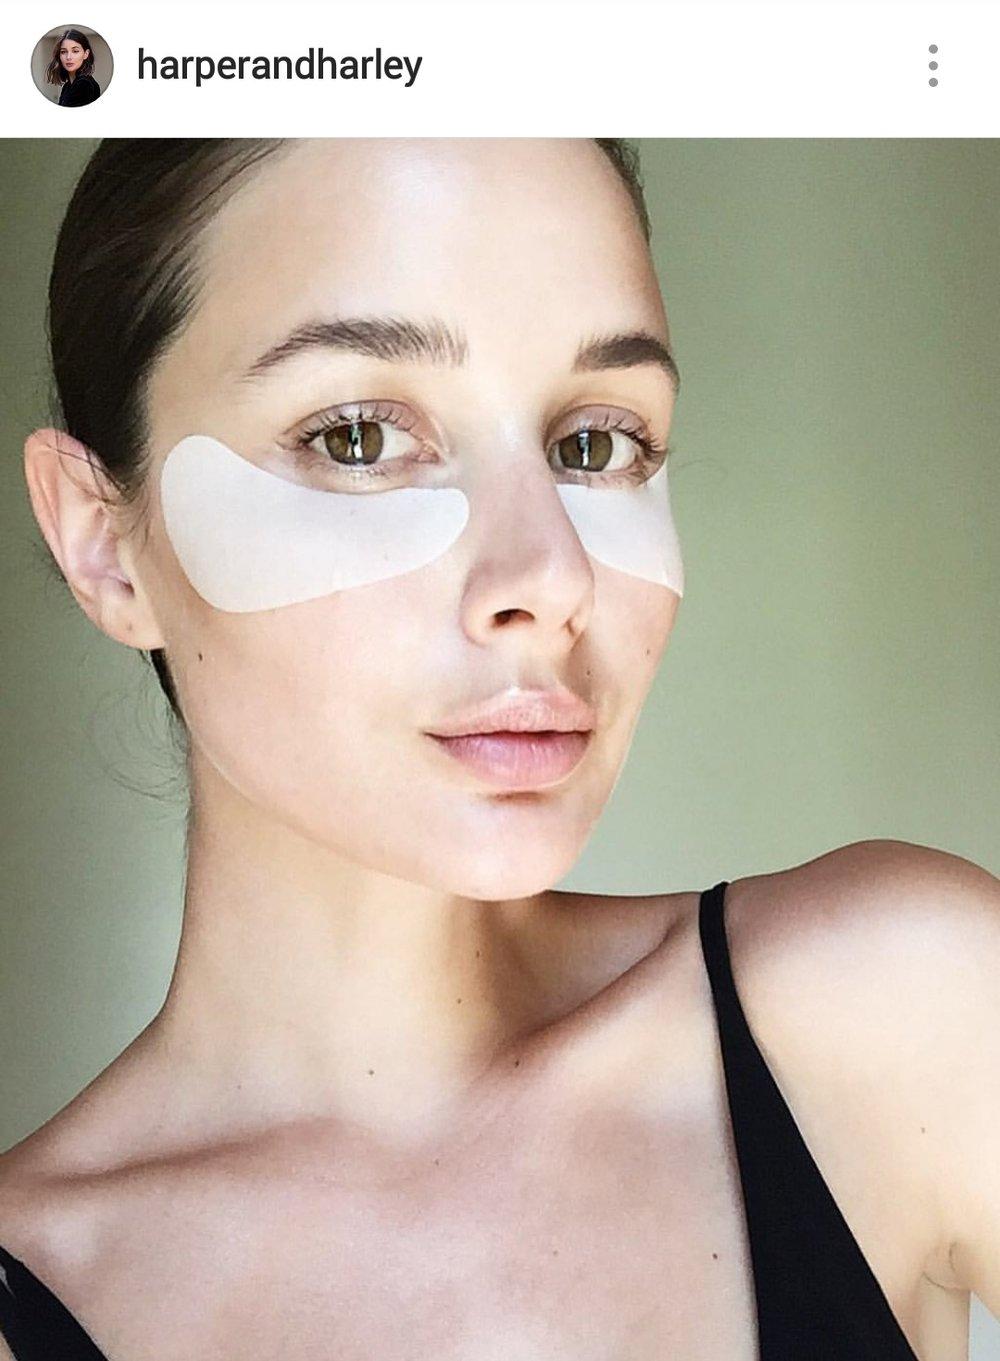 Everyday human & Instagram influencer - Sara Donaldson models for Estee Lauder. Image credit @harperandharley